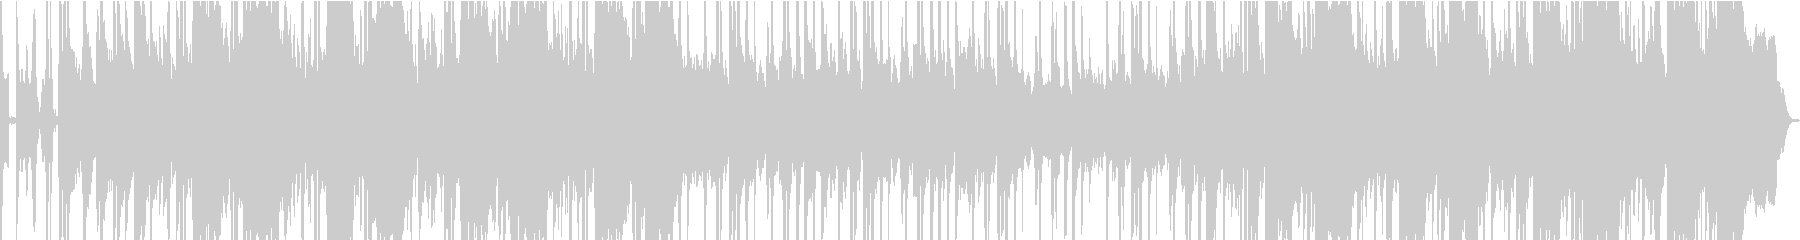 クールなヒップホップBGMの未再生の波形